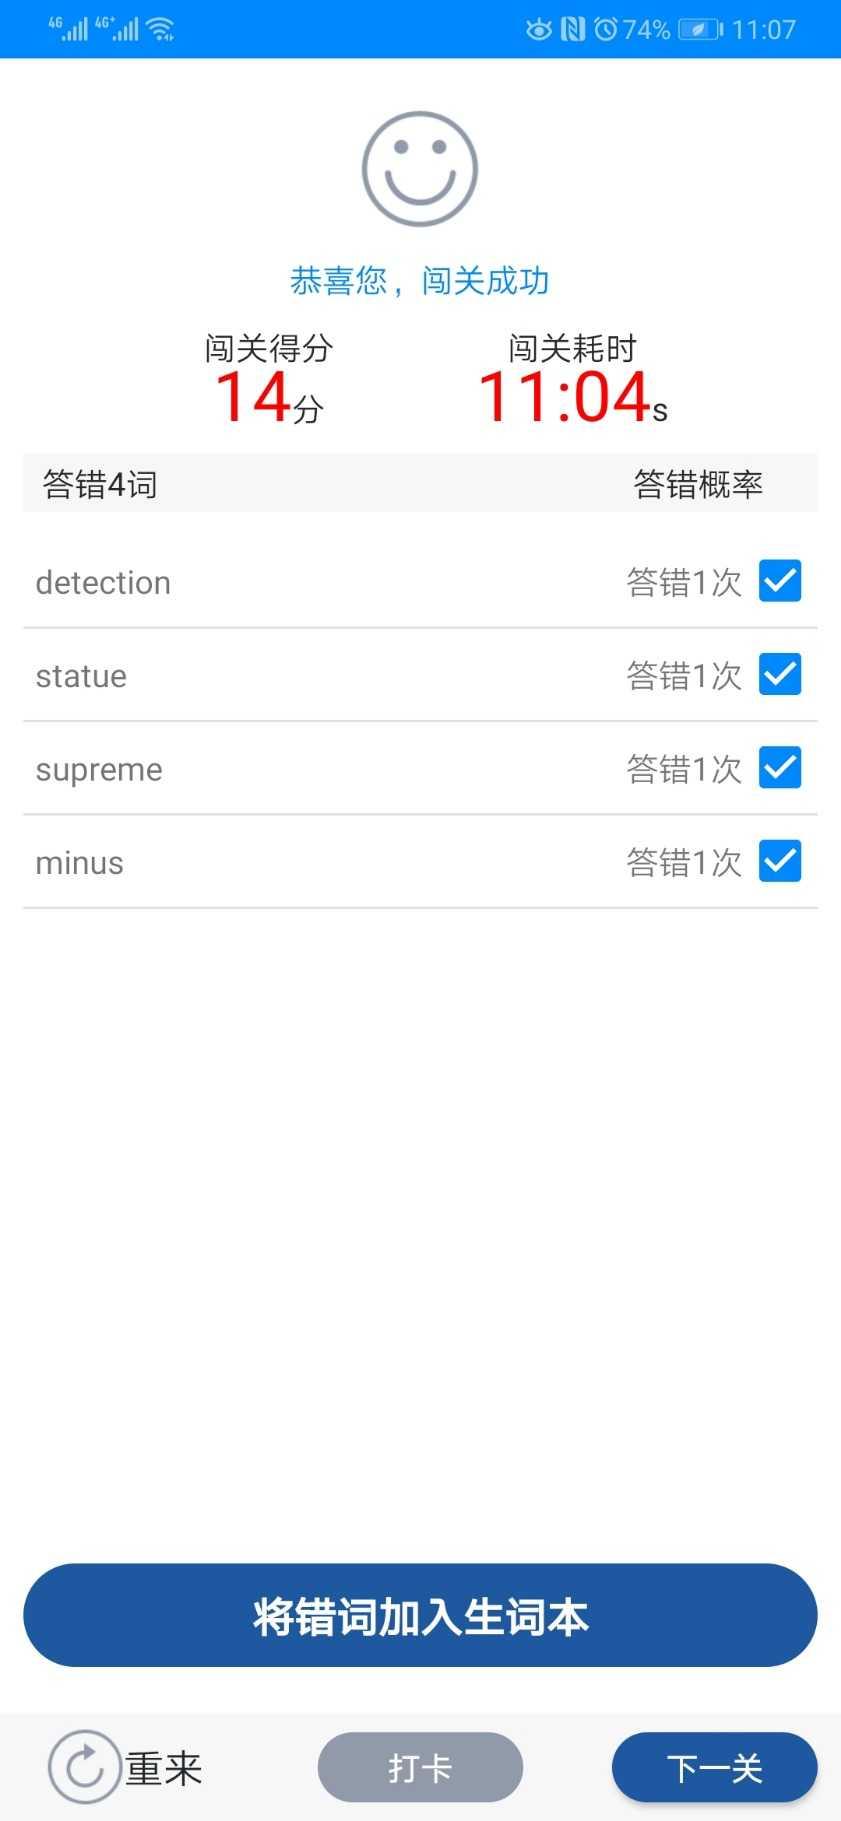 Screenshot_20191204_230707_com.kekeclient_.jpg